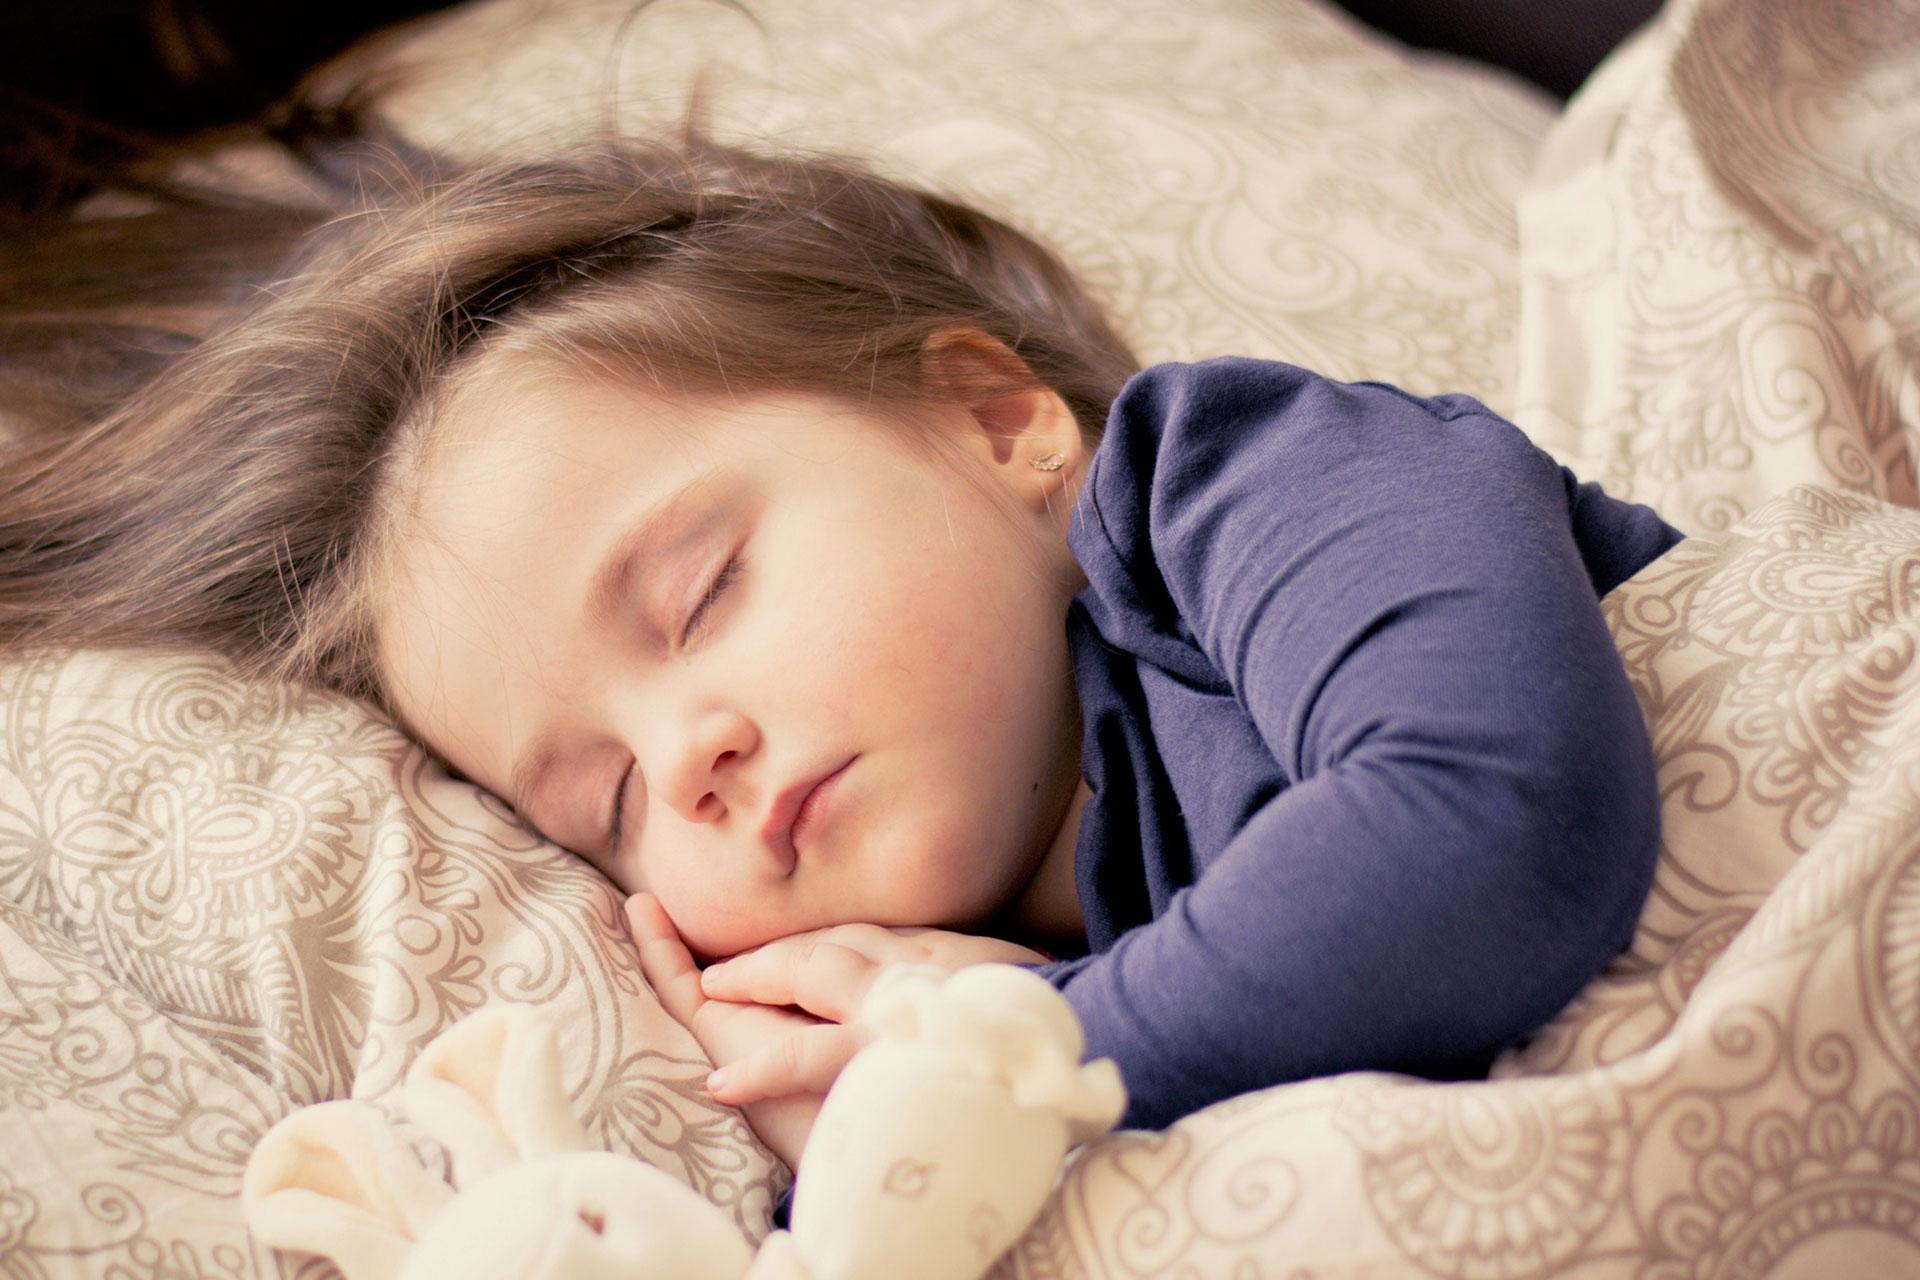 دراسة: النوم الجيد يساعد على التحصيل الدراسي